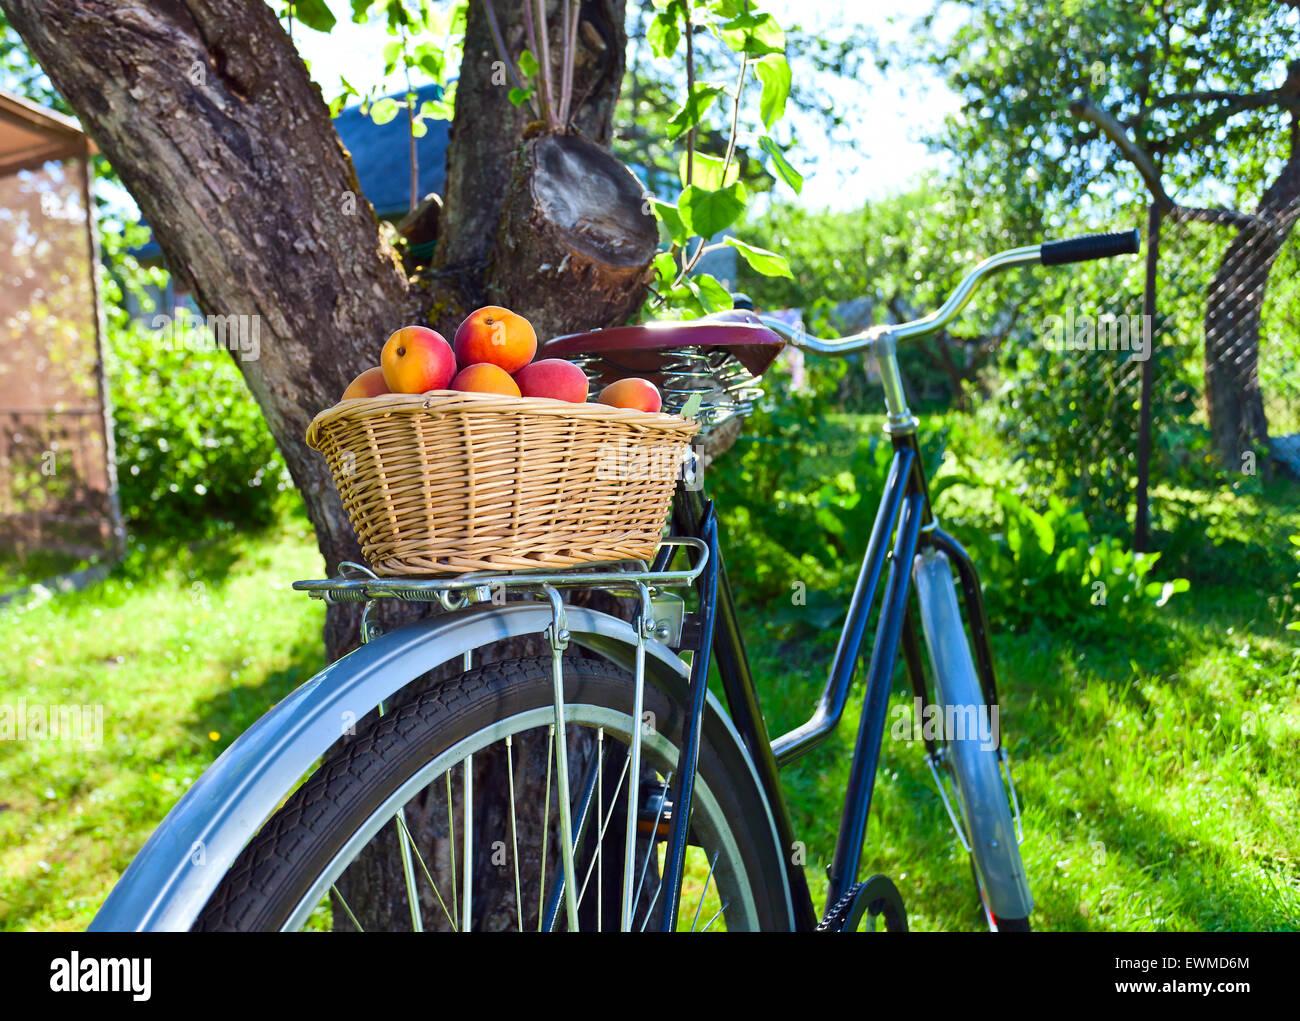 Panier d'abricots mûrs juteux en vélo dans la région de jardin Photo Stock